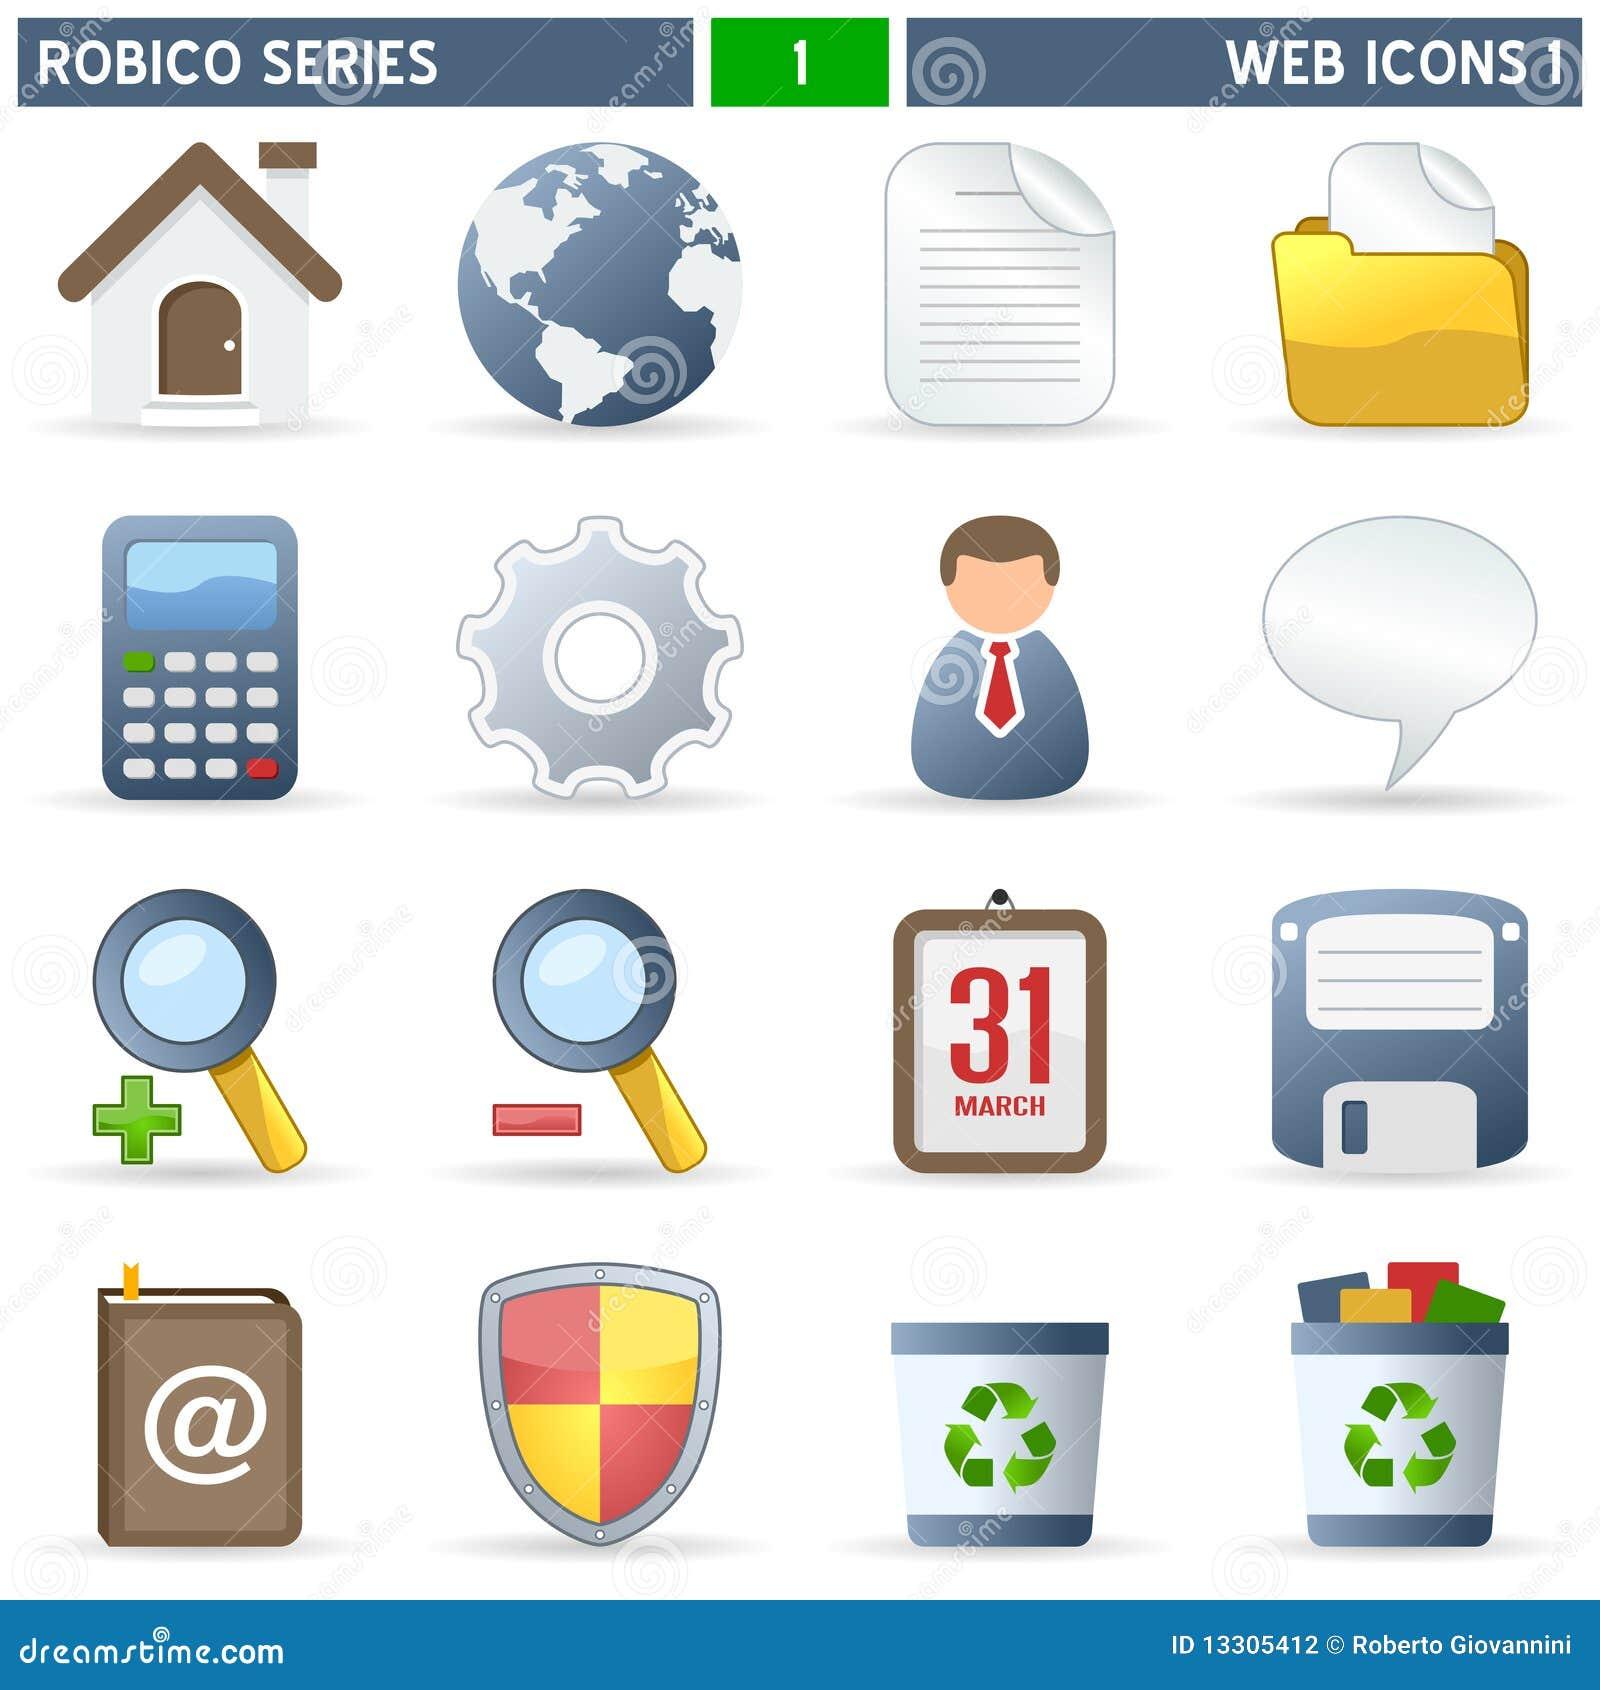 De Pictogrammen van het Web [1] - Reeks Robico